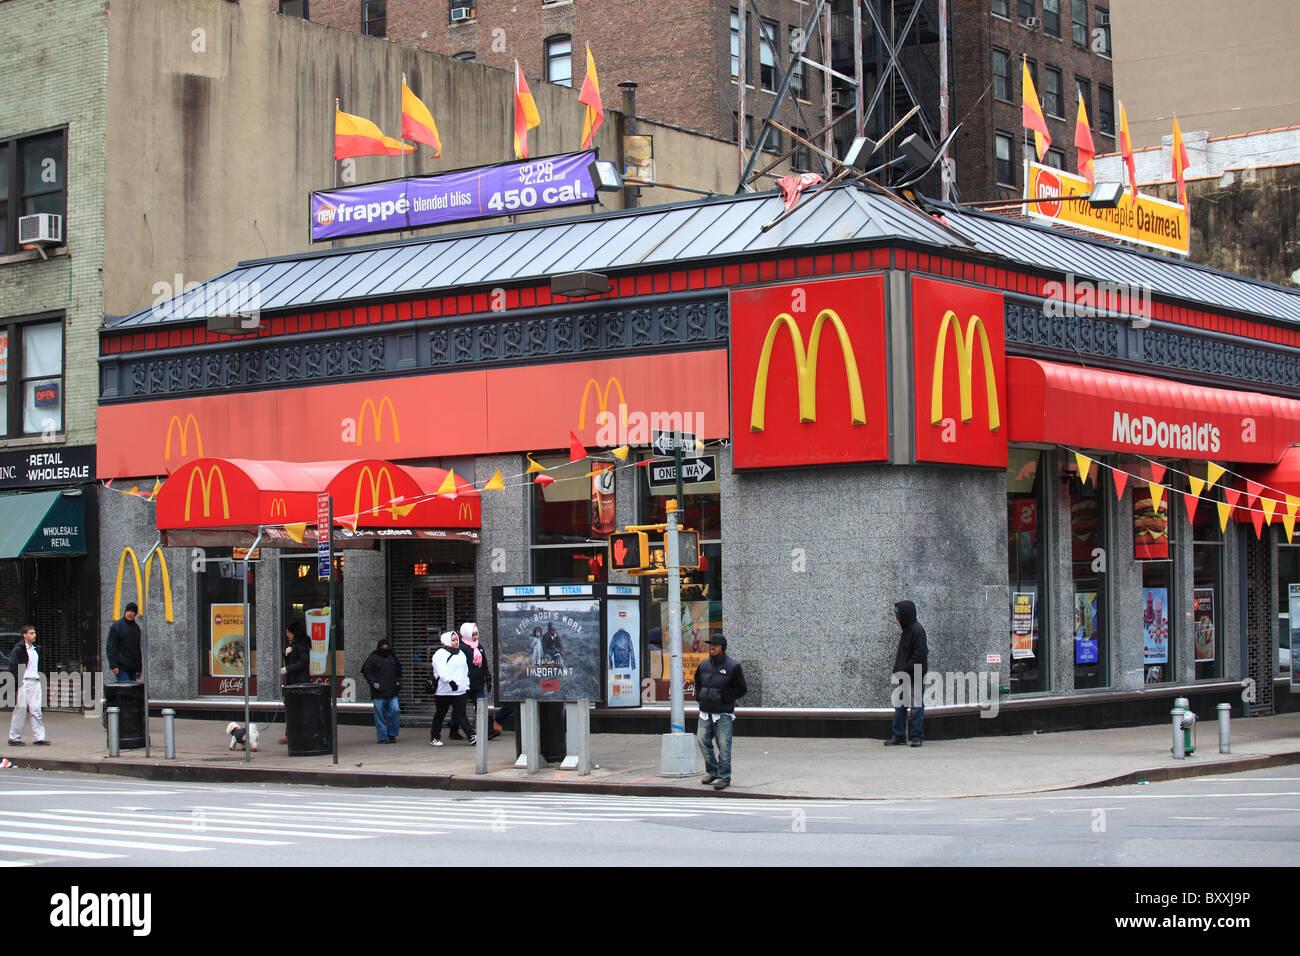 McDonald's restaurant in Chinatown, New York city, 2010